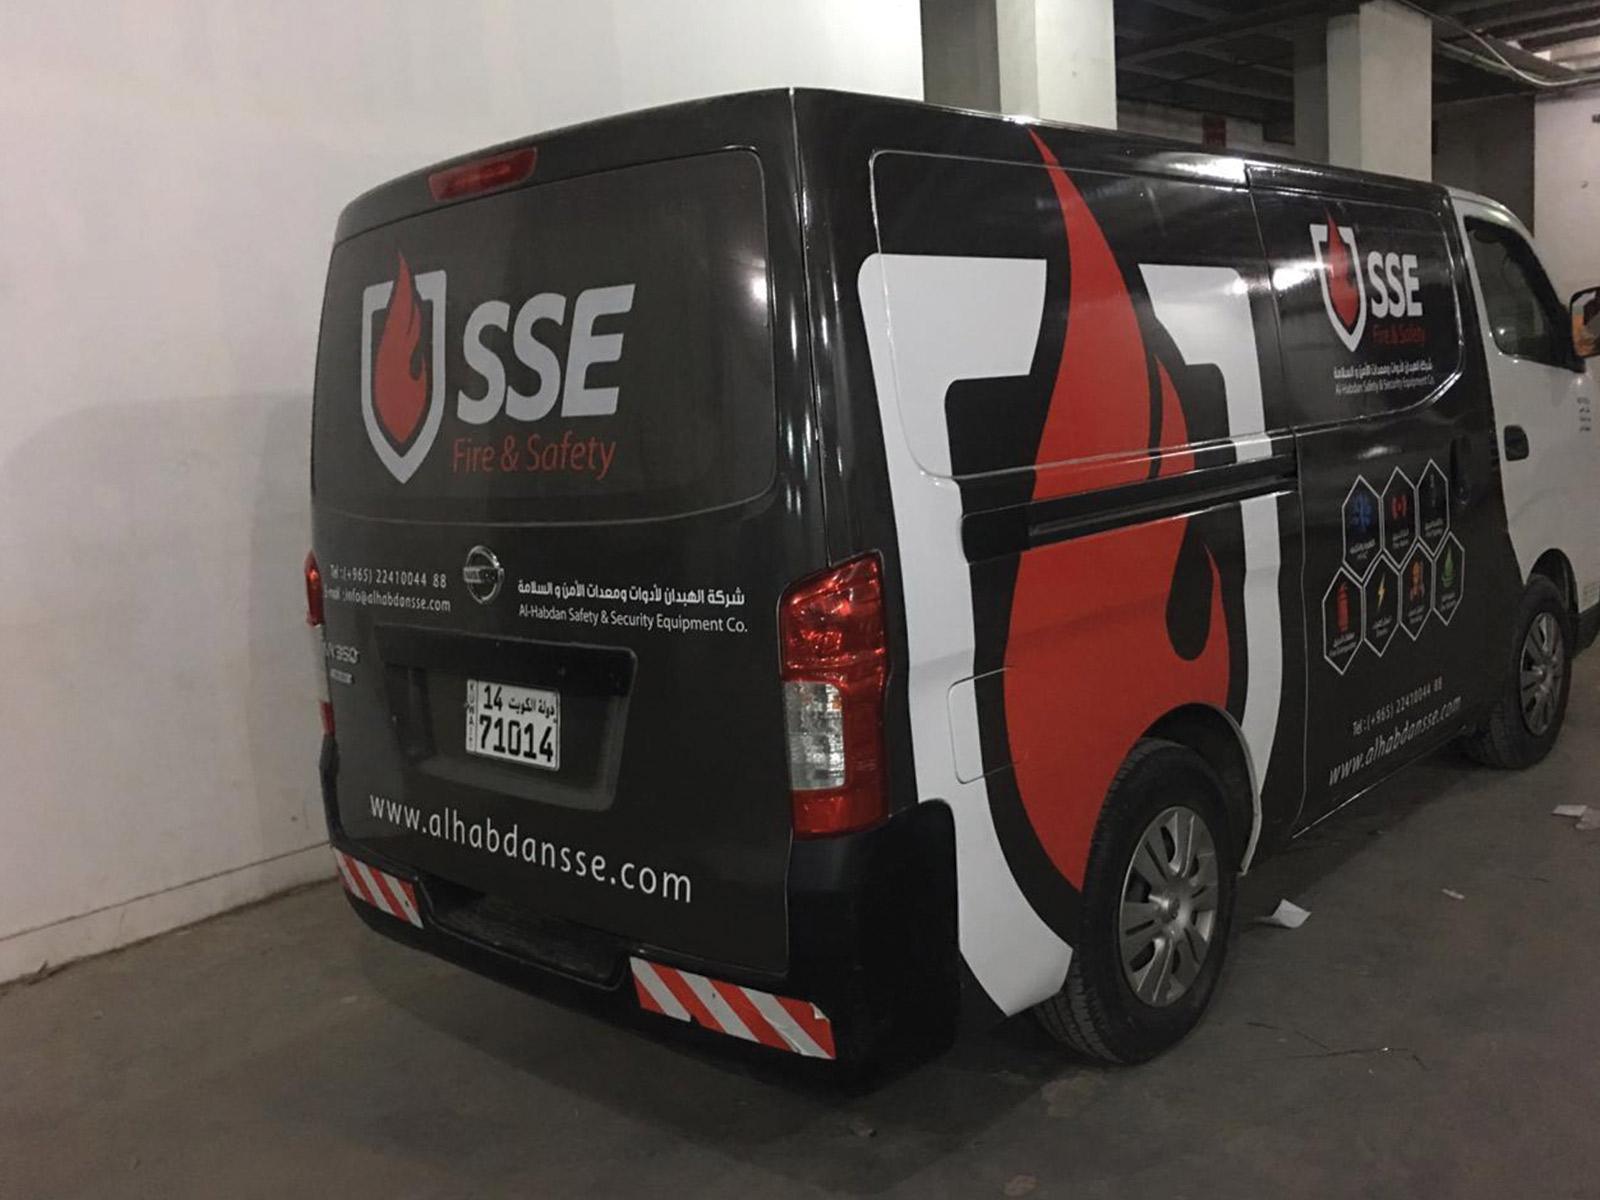 inkservice-ourwork-sse-kuwait